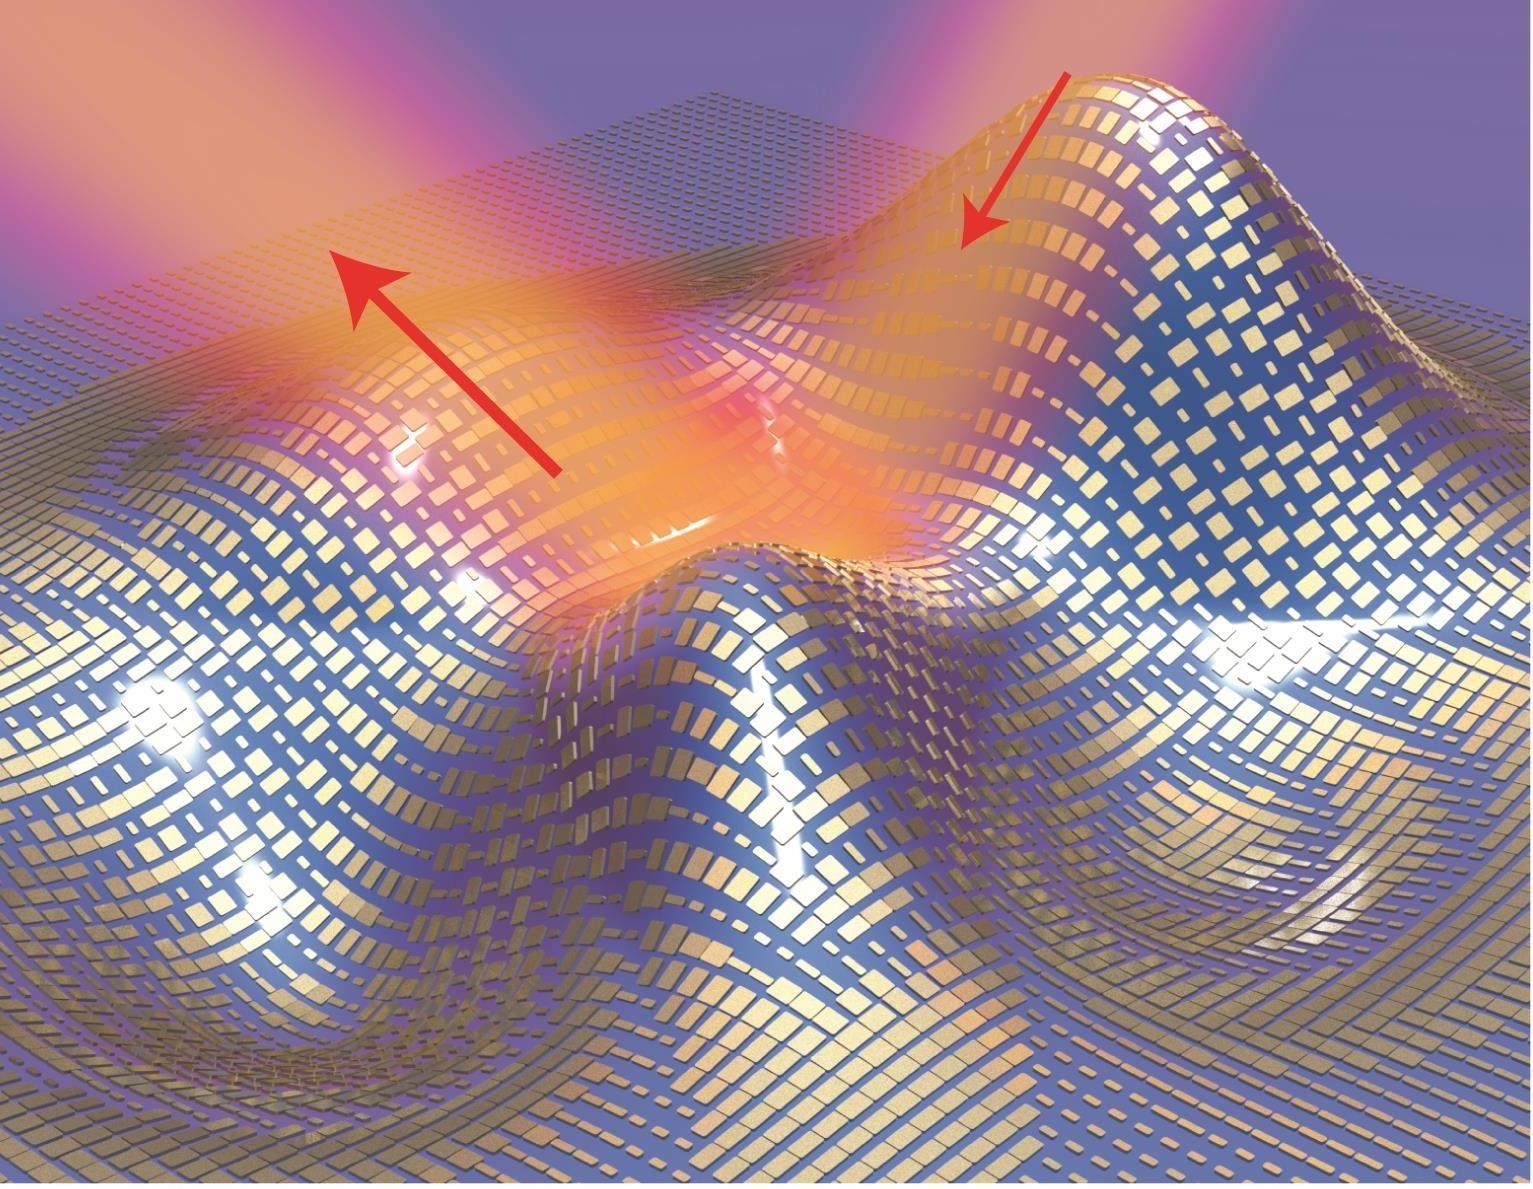 Essa capa de invisibilidade soluciona um problema que todas as outras capas têm